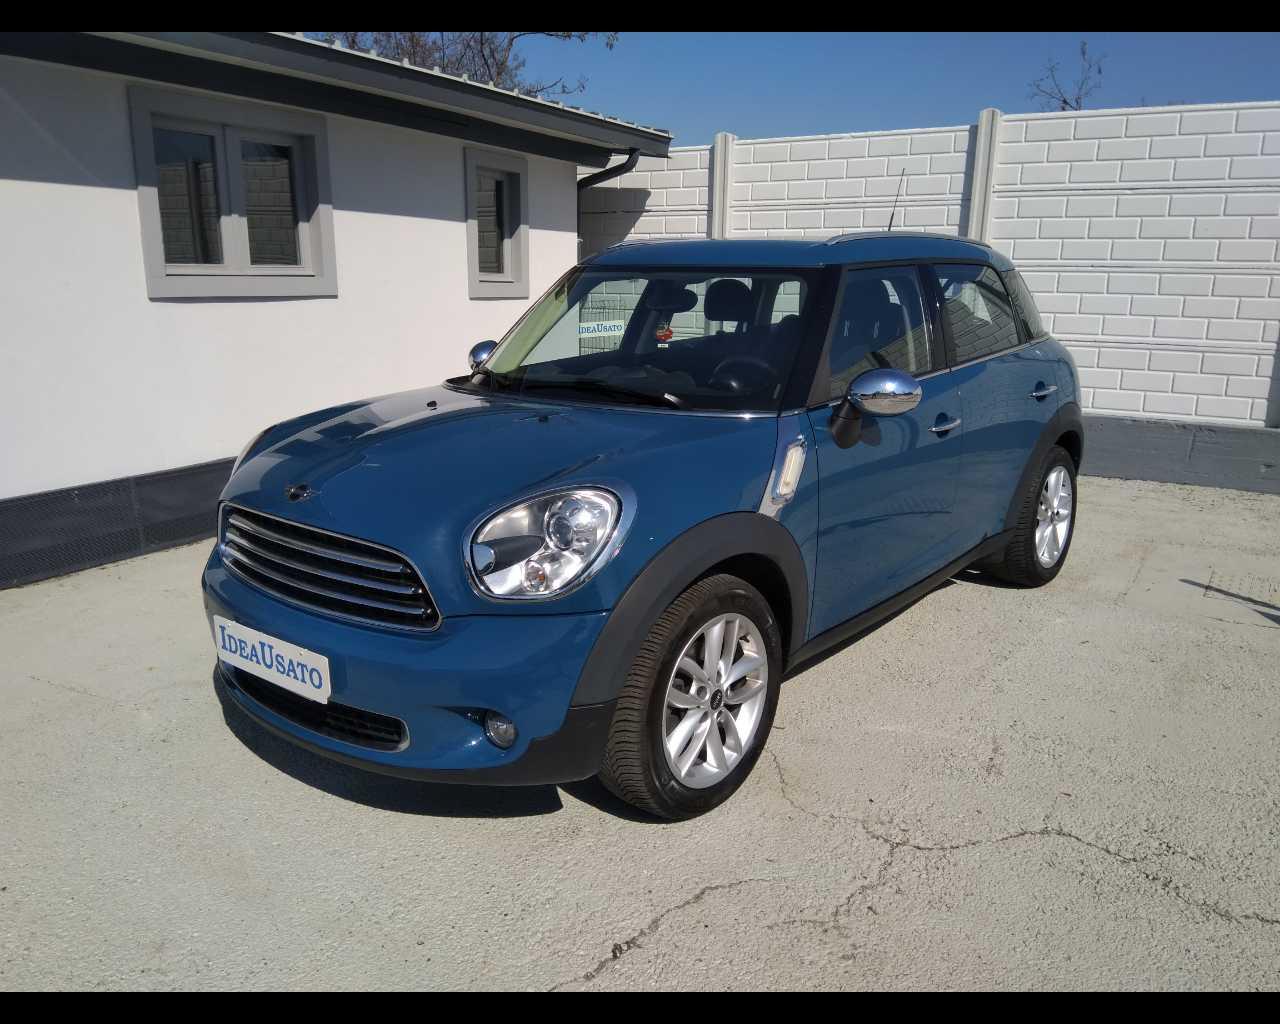 MINI  Mini Countryman 1.6 Cooper D, Diesel, €8.900 - Mini Countryman R60 - Mini Countryman 1.6 Cooper D